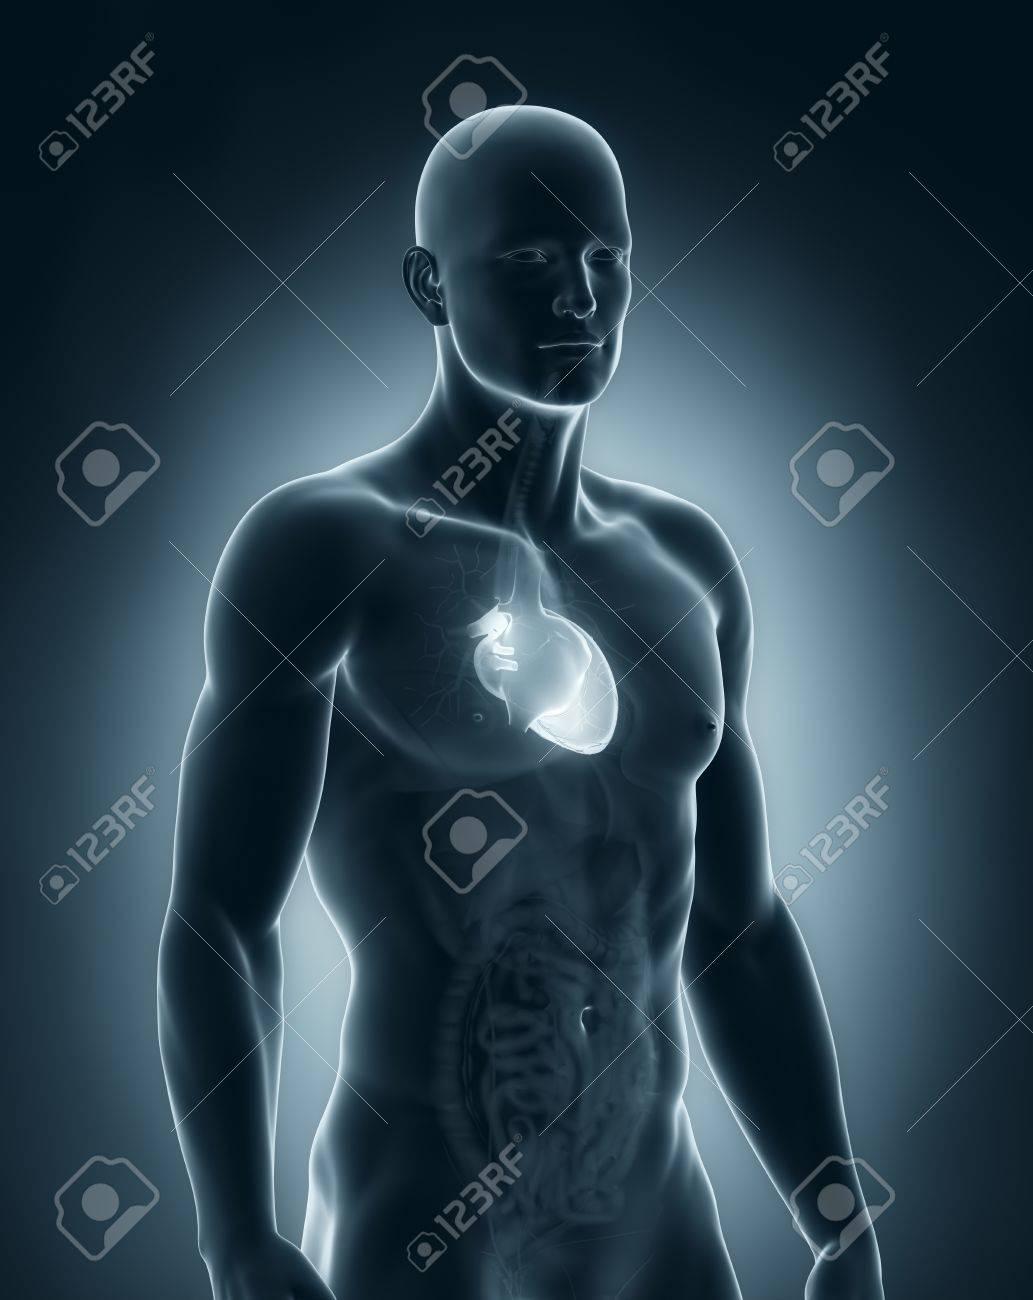 Männlich Herz Anatomie Lizenzfreie Fotos, Bilder Und Stock ...